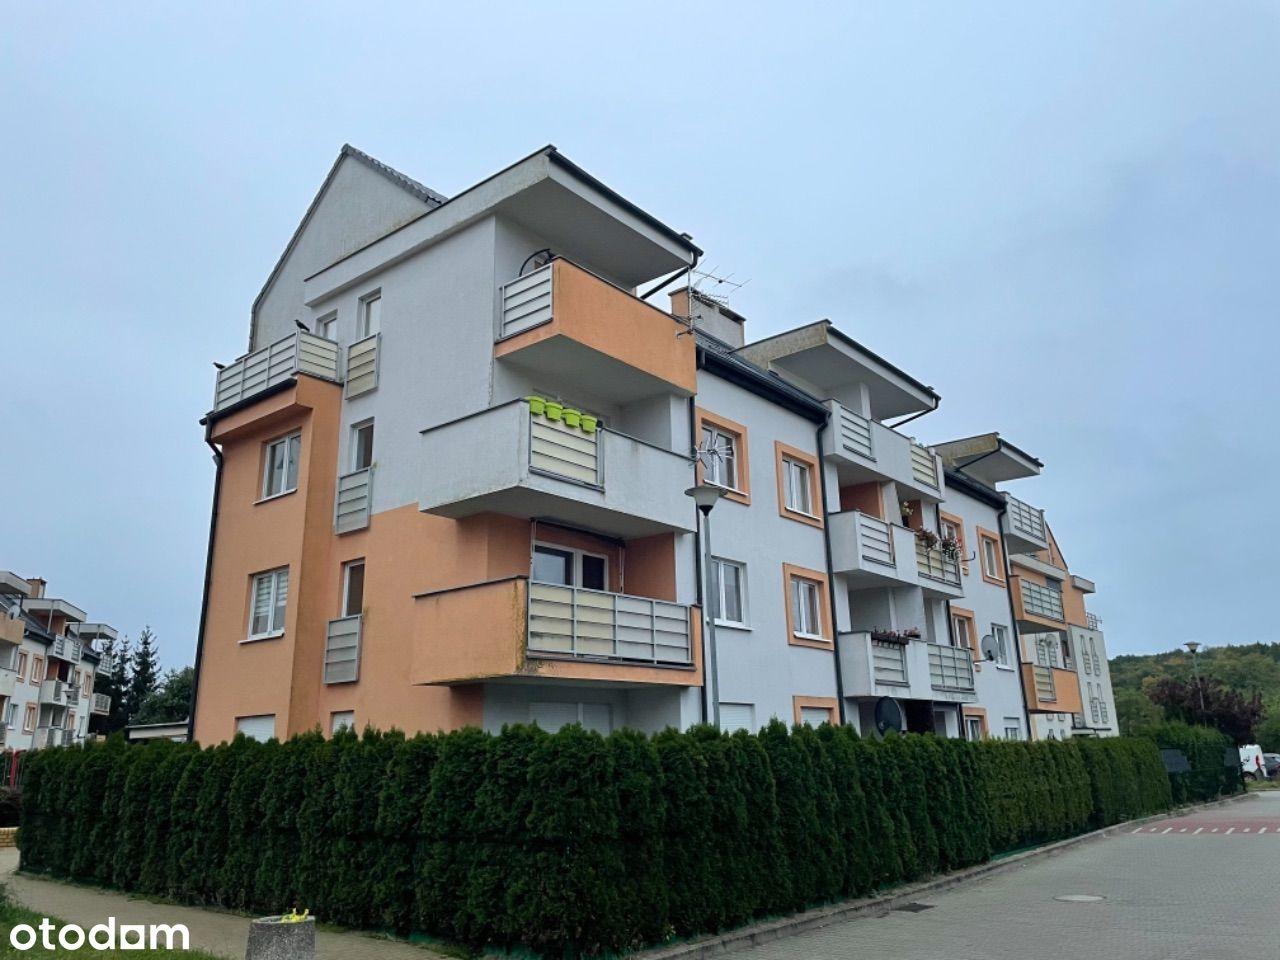 Mieszkanie dwupoziomowe 3 pokojowe